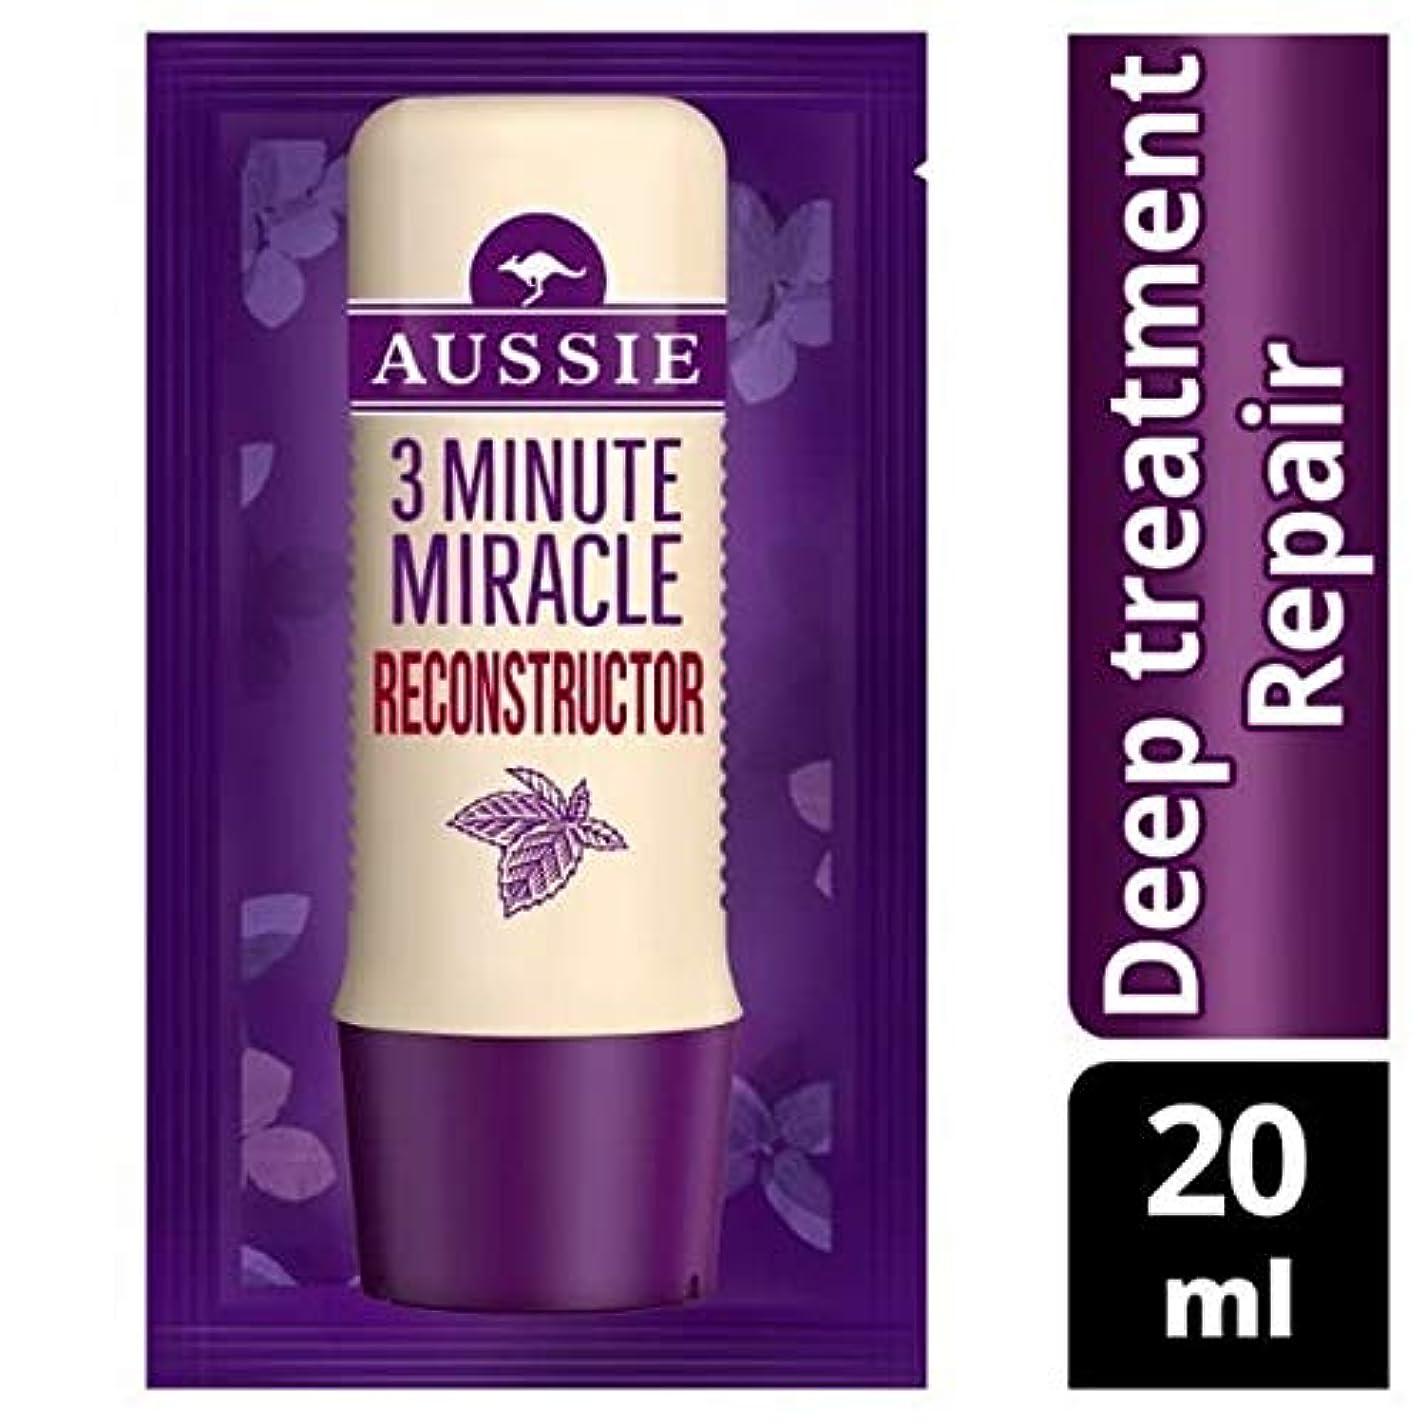 カブ出くわす震え[Aussie ] オーストラリアの深い治療3分の奇跡の再構成の20ミリリットル - Aussie Deep Treatment 3 Minute Miracle Reconstructor 20ml [並行輸入品]